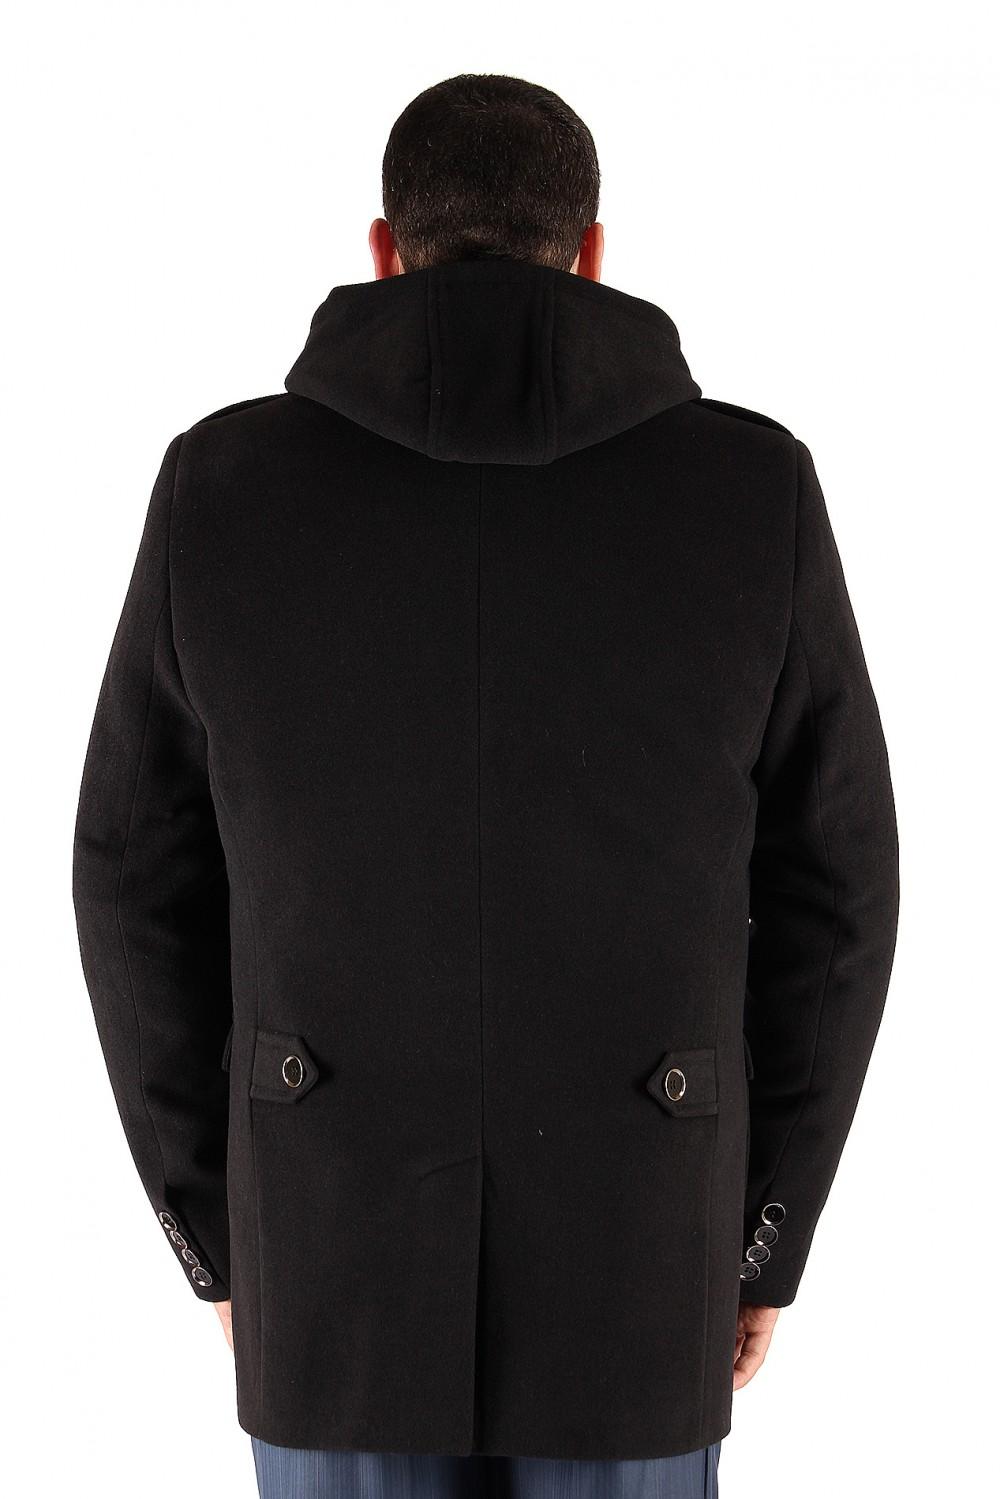 Купить оптом Полупальто мужское черного цвета Кс-03Ch в Казани